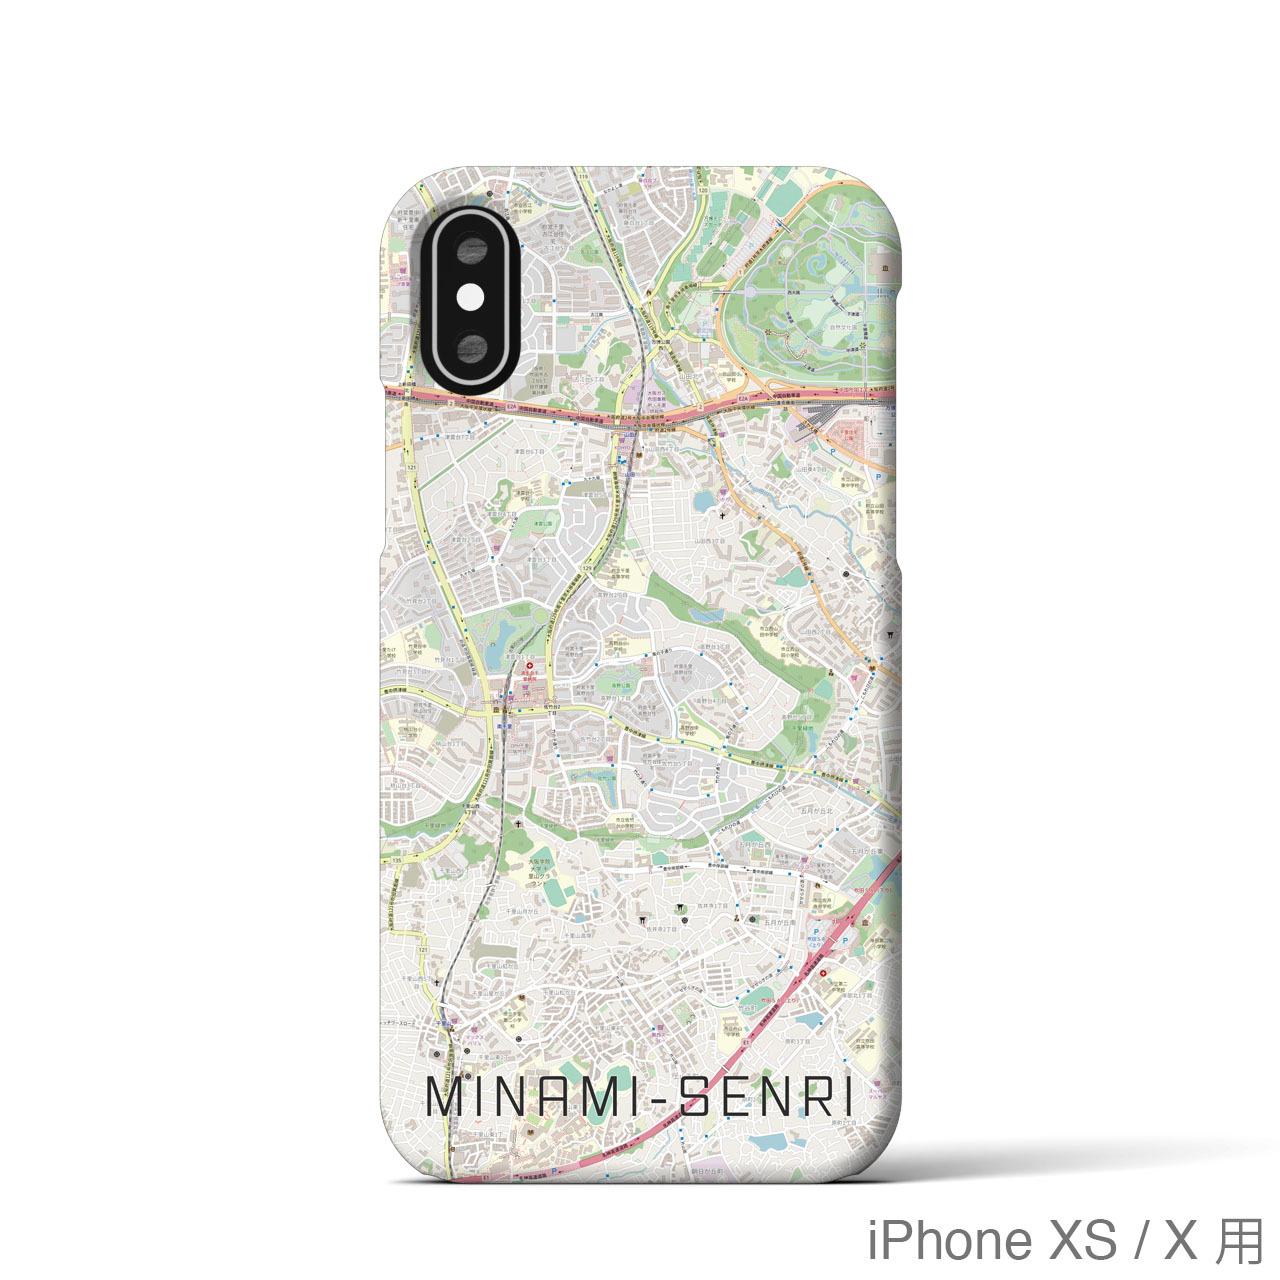 【南千里】地図柄iPhoneケース(バックカバータイプ・ナチュラル)